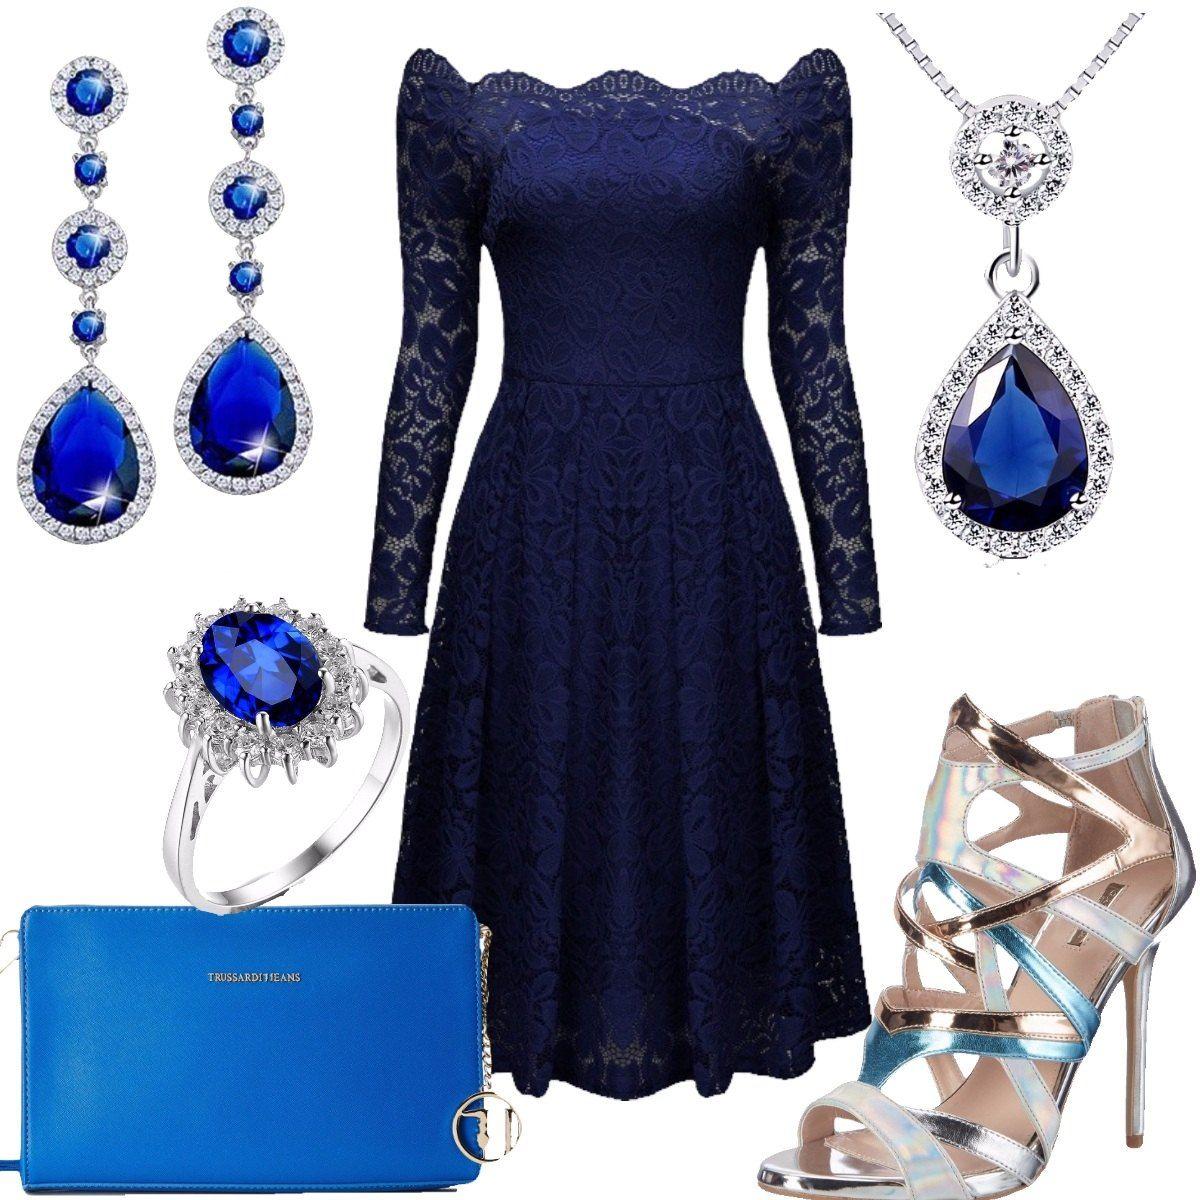 66193417b2d0 Outfit composto da: vestito blu notte elegante in pizzo con maniche lunghe,  pochette Trussardi, chiusura a cerniera con catena pendente e logo, ...